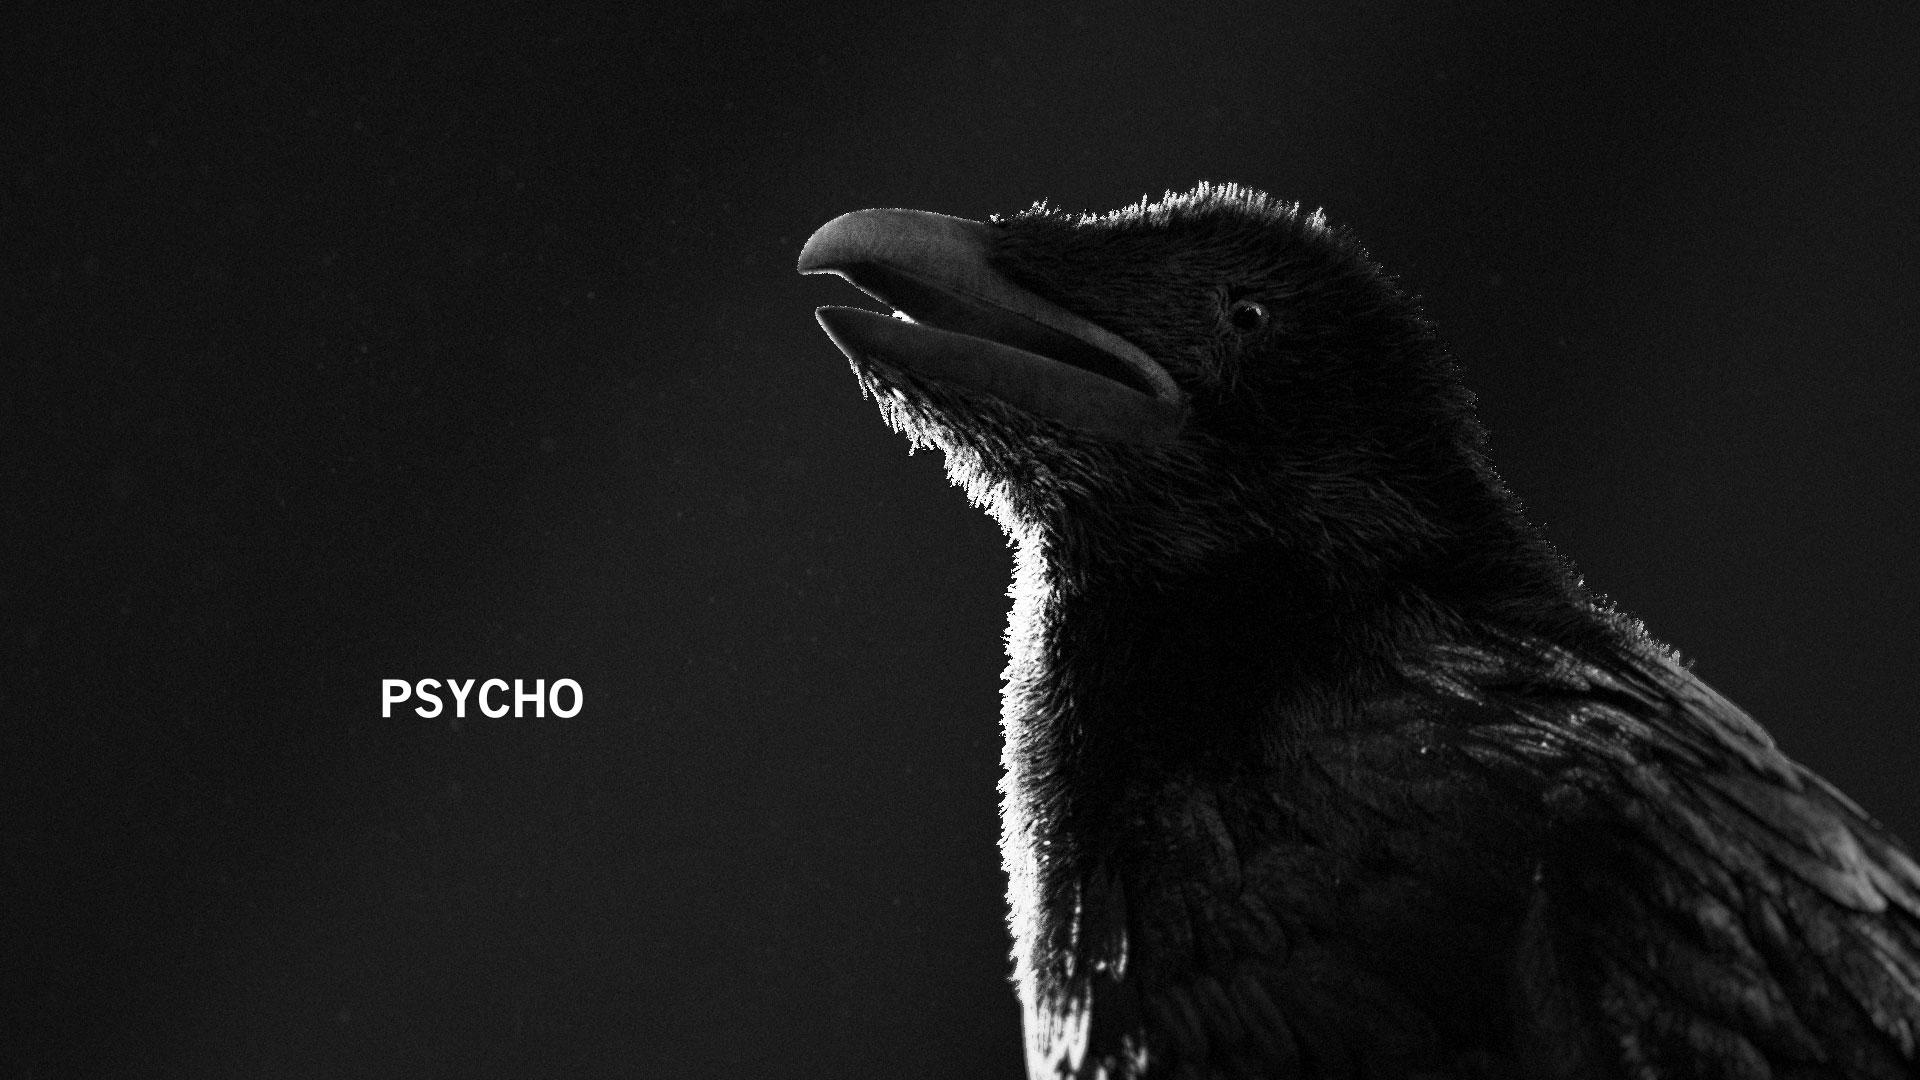 Psycho_Styleframes_00002.jpg